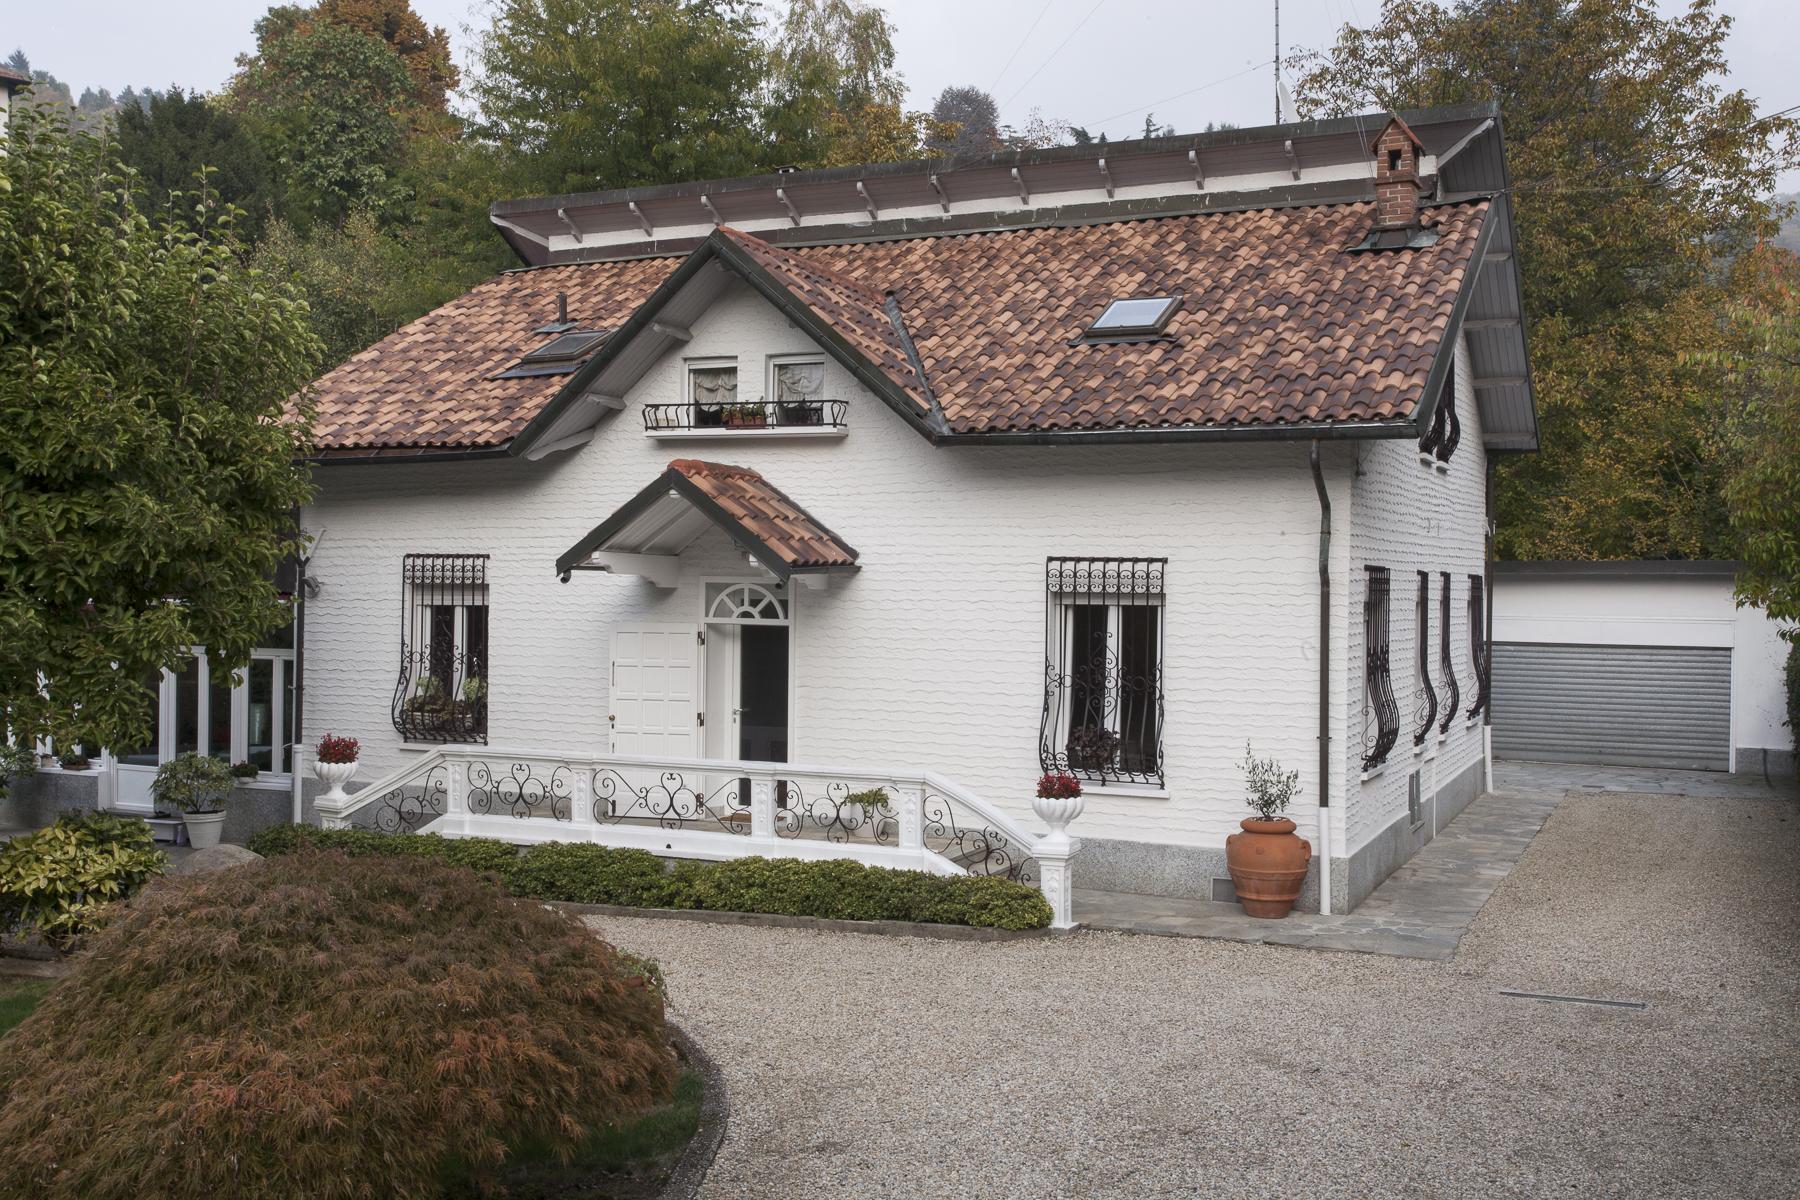 Villa in Vendita a Torino Semicentro: 5 locali, 330 mq